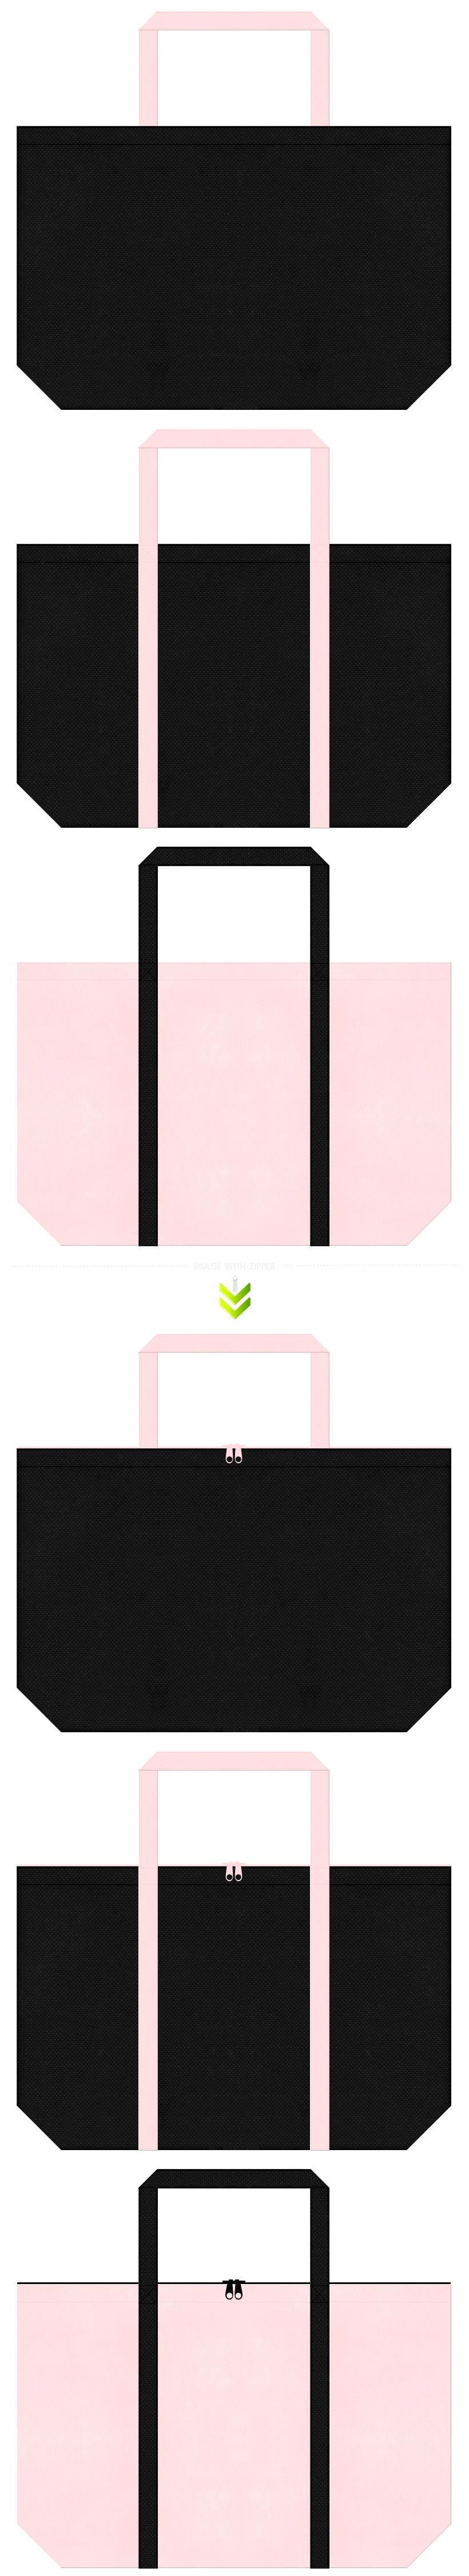 ゴスロリ・魔法使い・夜桜・花見・お城イベント・ユニフォーム・運動靴・アウトドア・スポーツバッグ・ランドリーバッグにお奨めの不織布バッグデザイン:黒色と桜色のコーデ